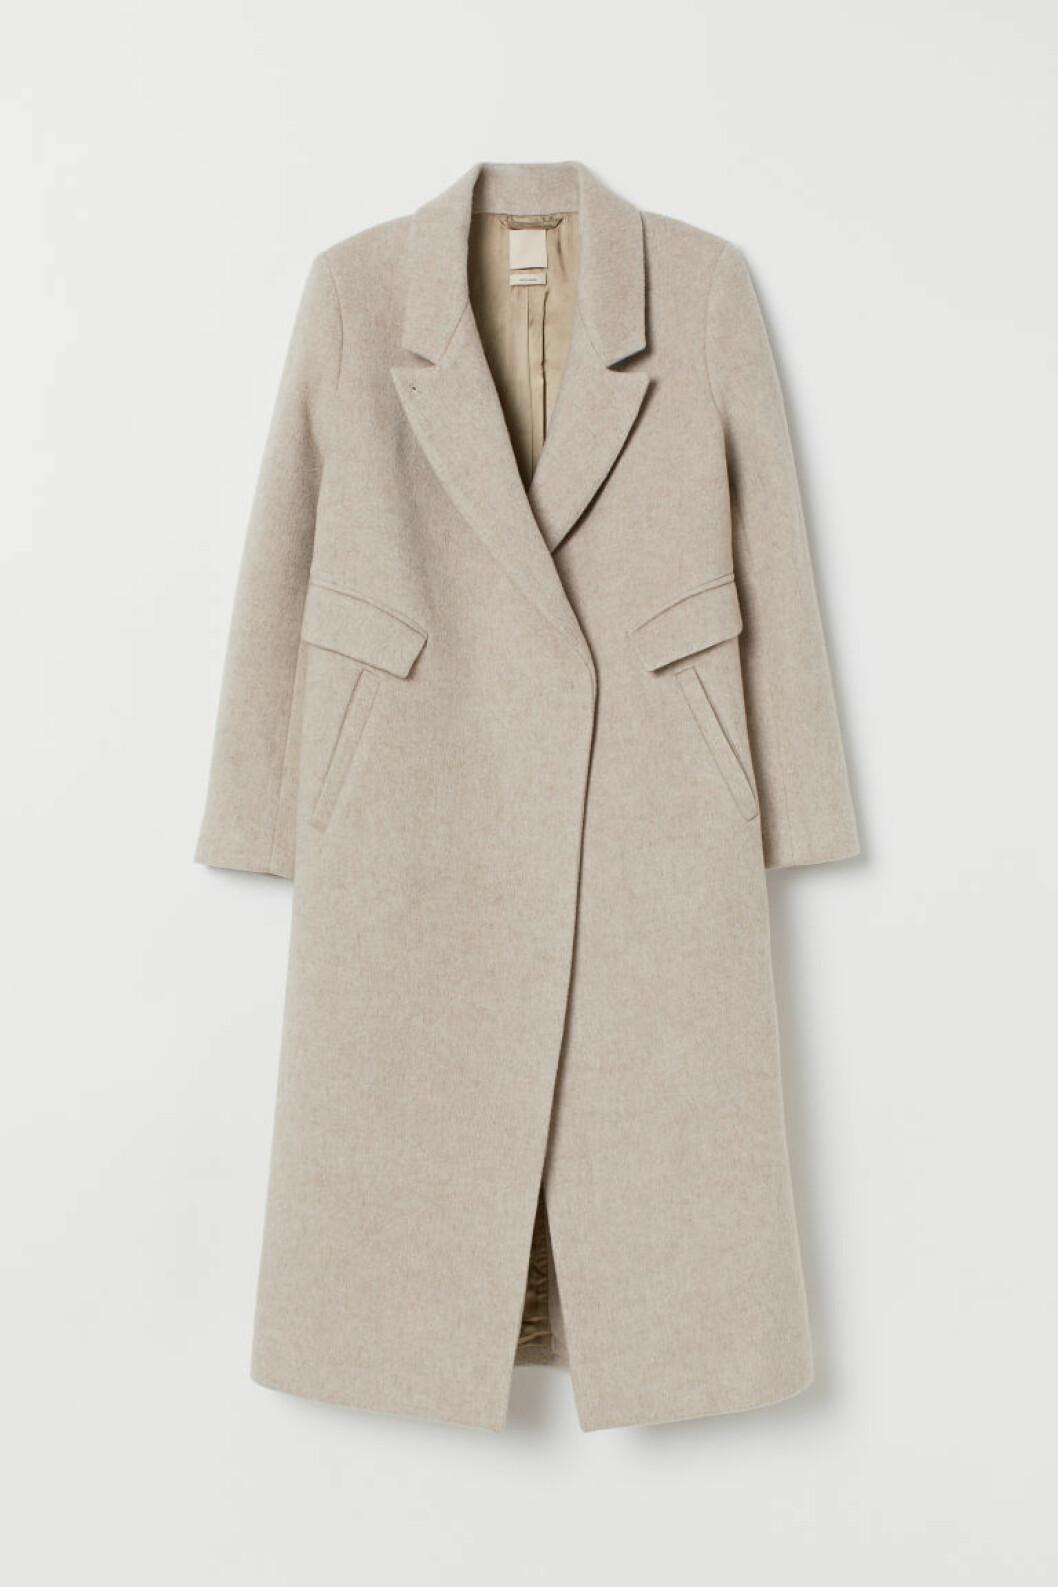 Lång kappa i rak modell och beige pudrig nyans från H&M.